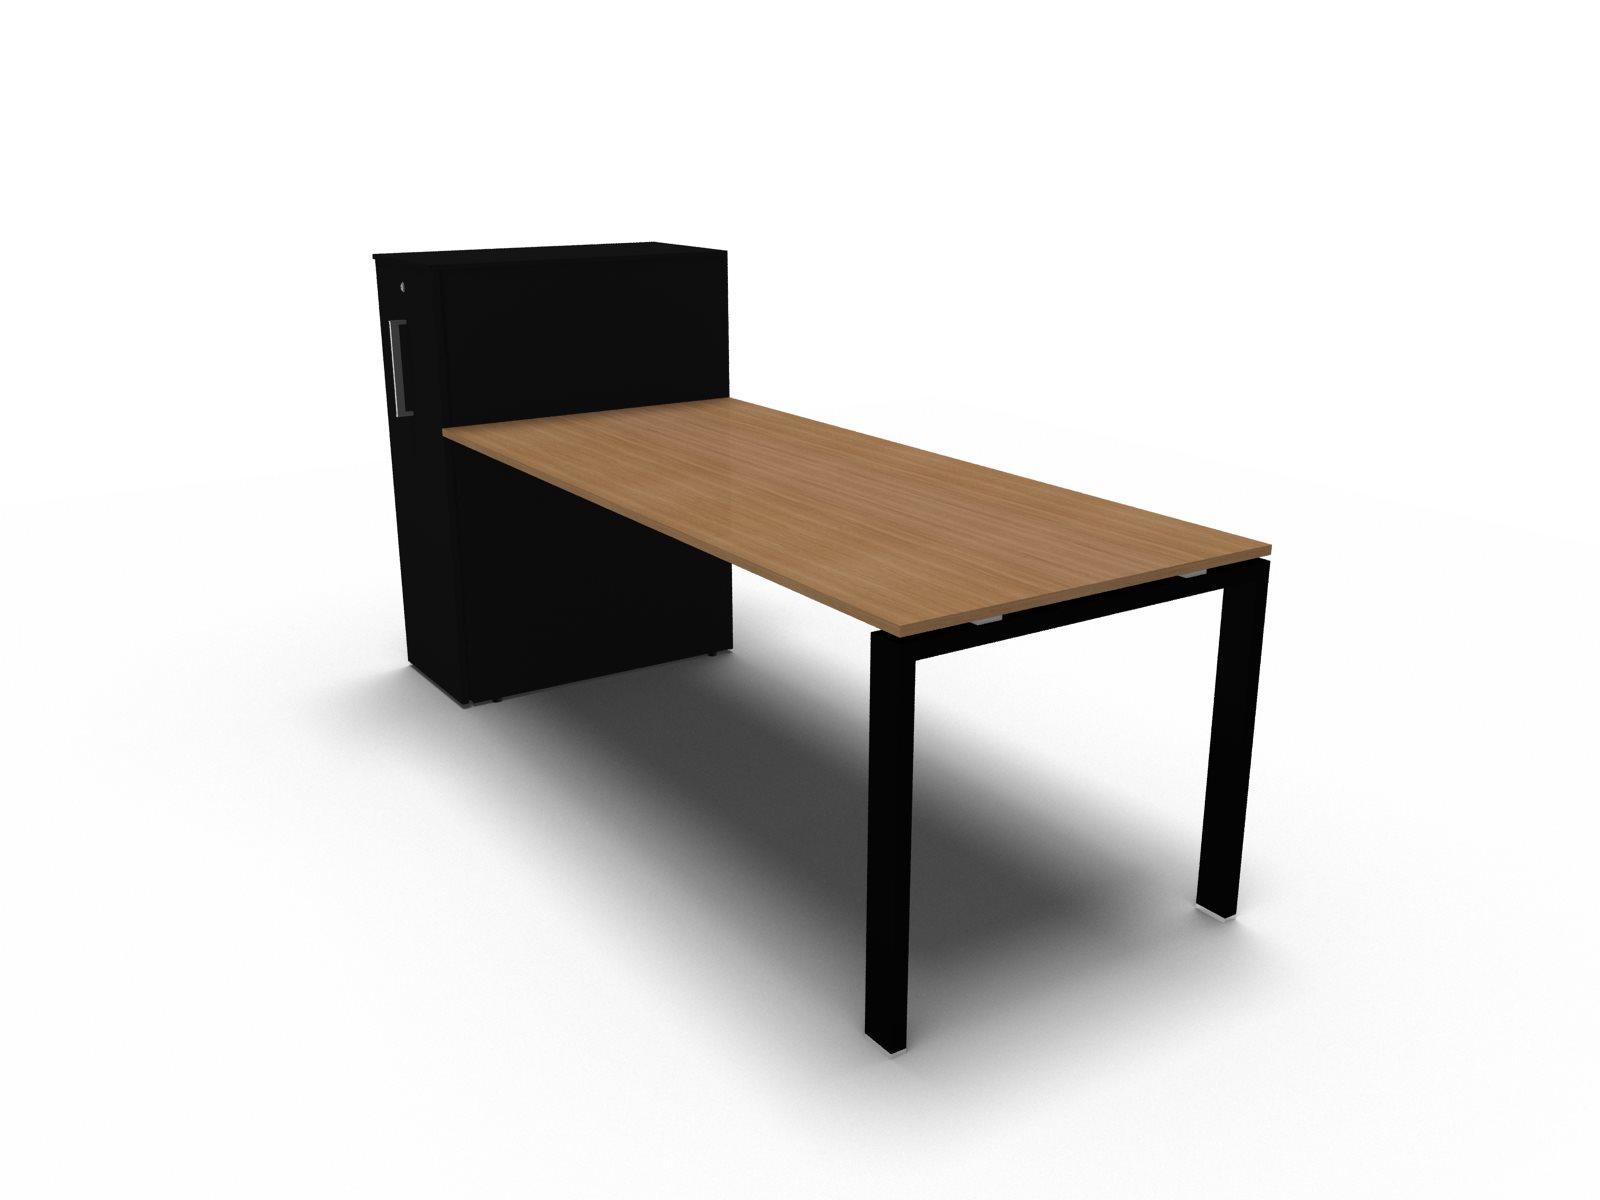 schreibtisch glider b rom bel. Black Bedroom Furniture Sets. Home Design Ideas